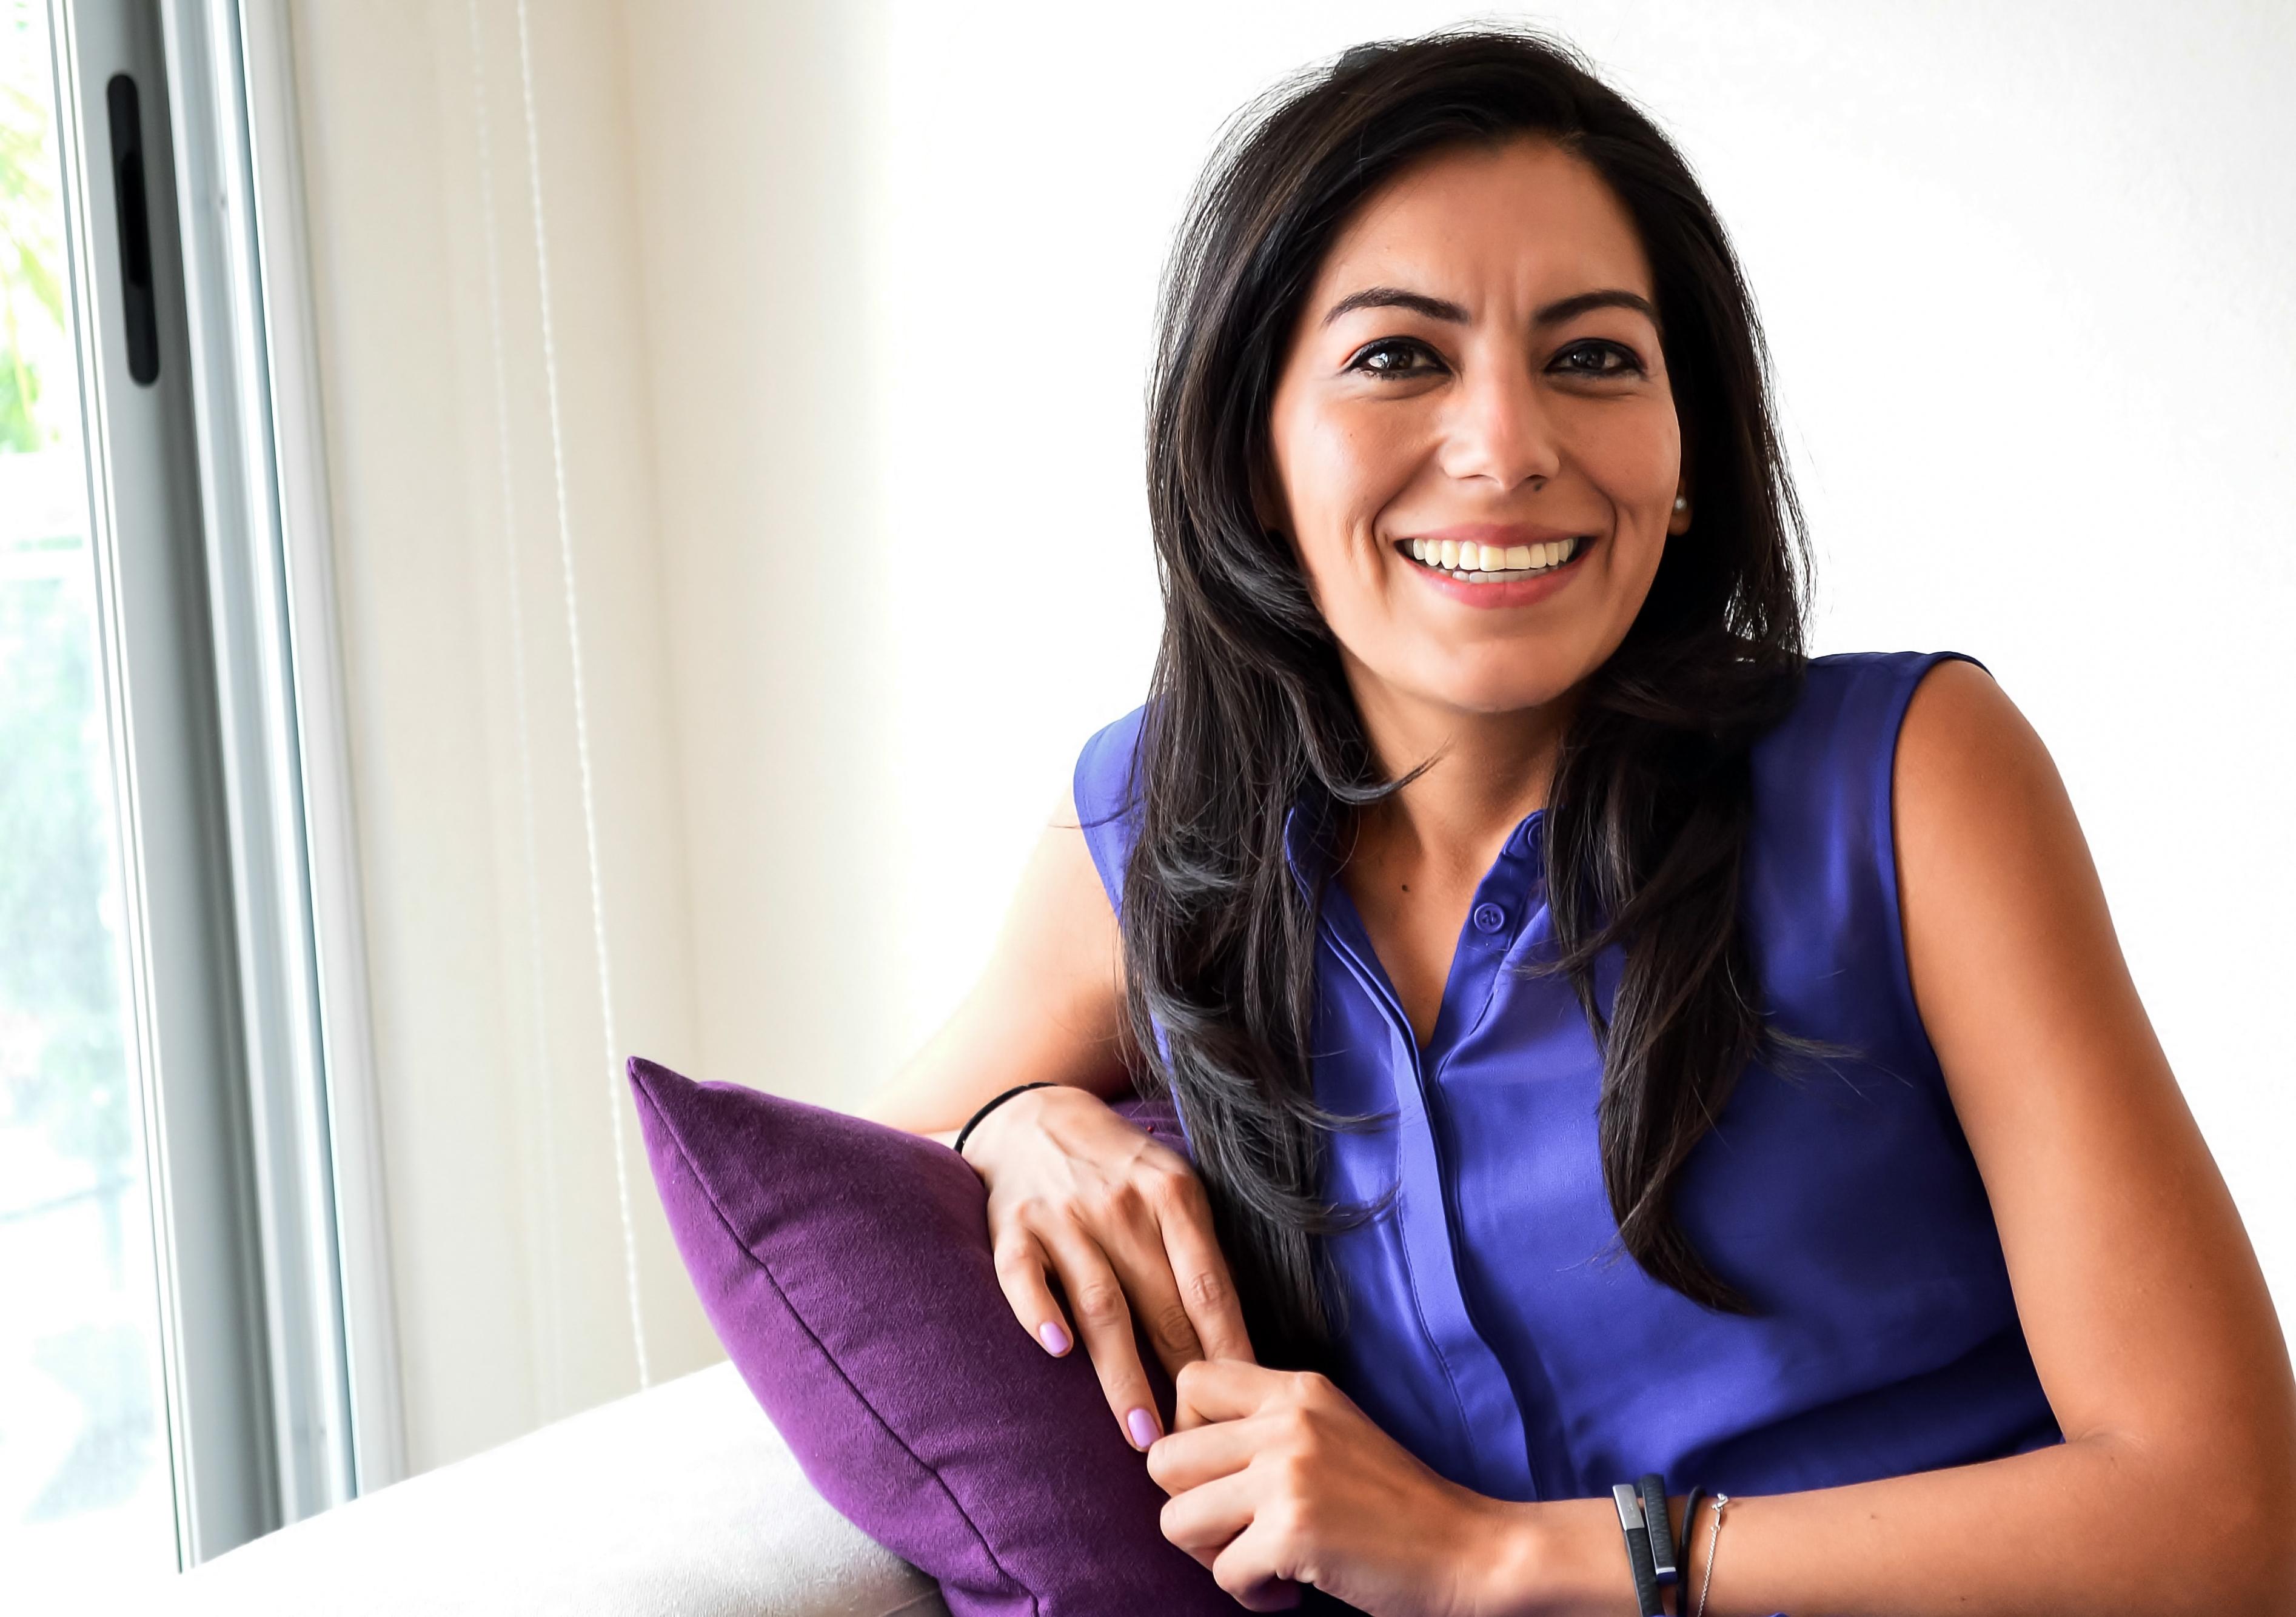 Mtra. María Cristina Cárdenas Peralta